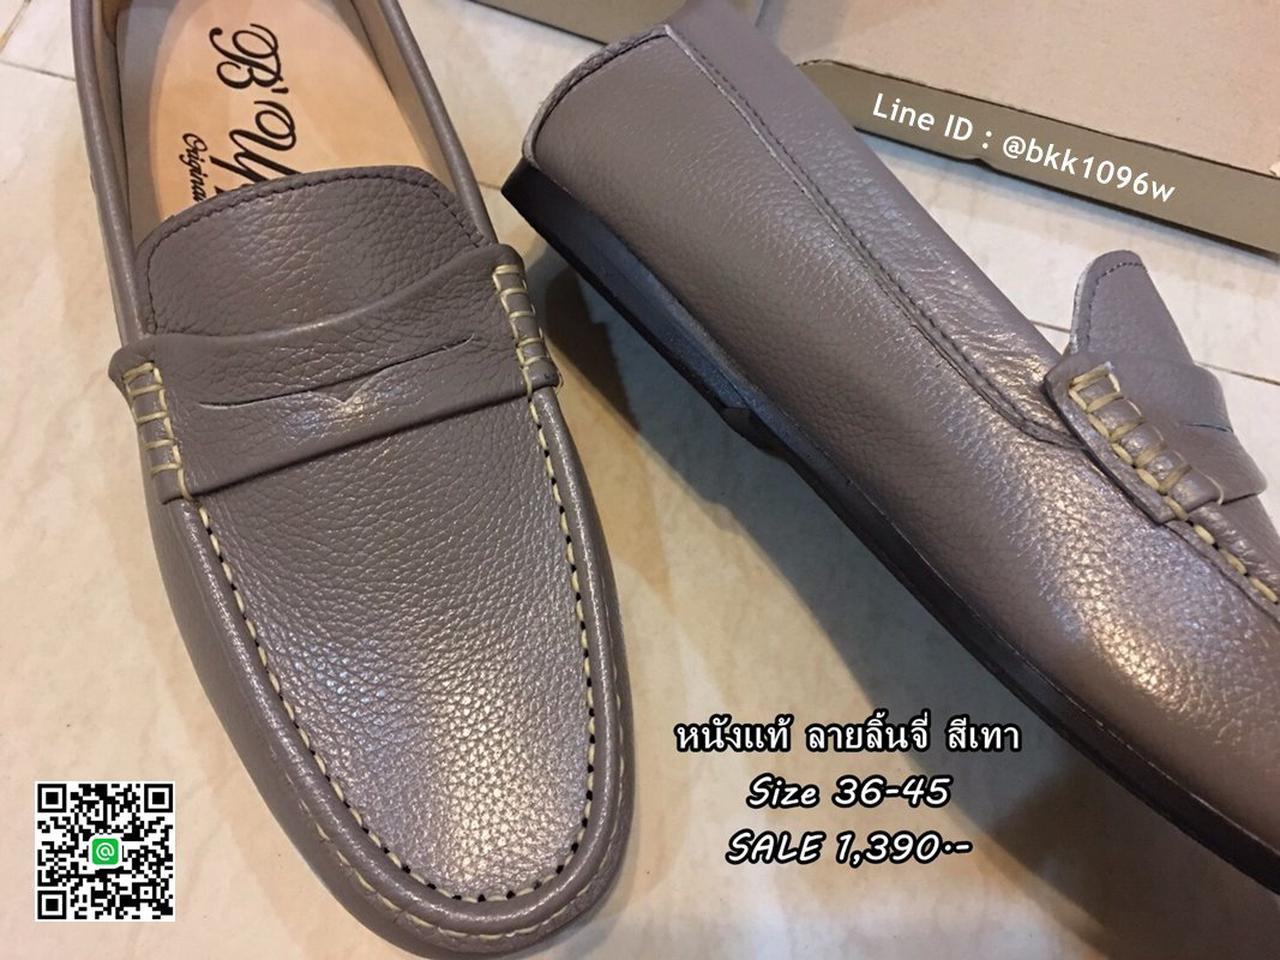 รองเท้าคัชชูหนังแท้ลายลิ้นจี่ สีเทา ตะเข็บขาว พื้นเรียบ   รูปที่ 5